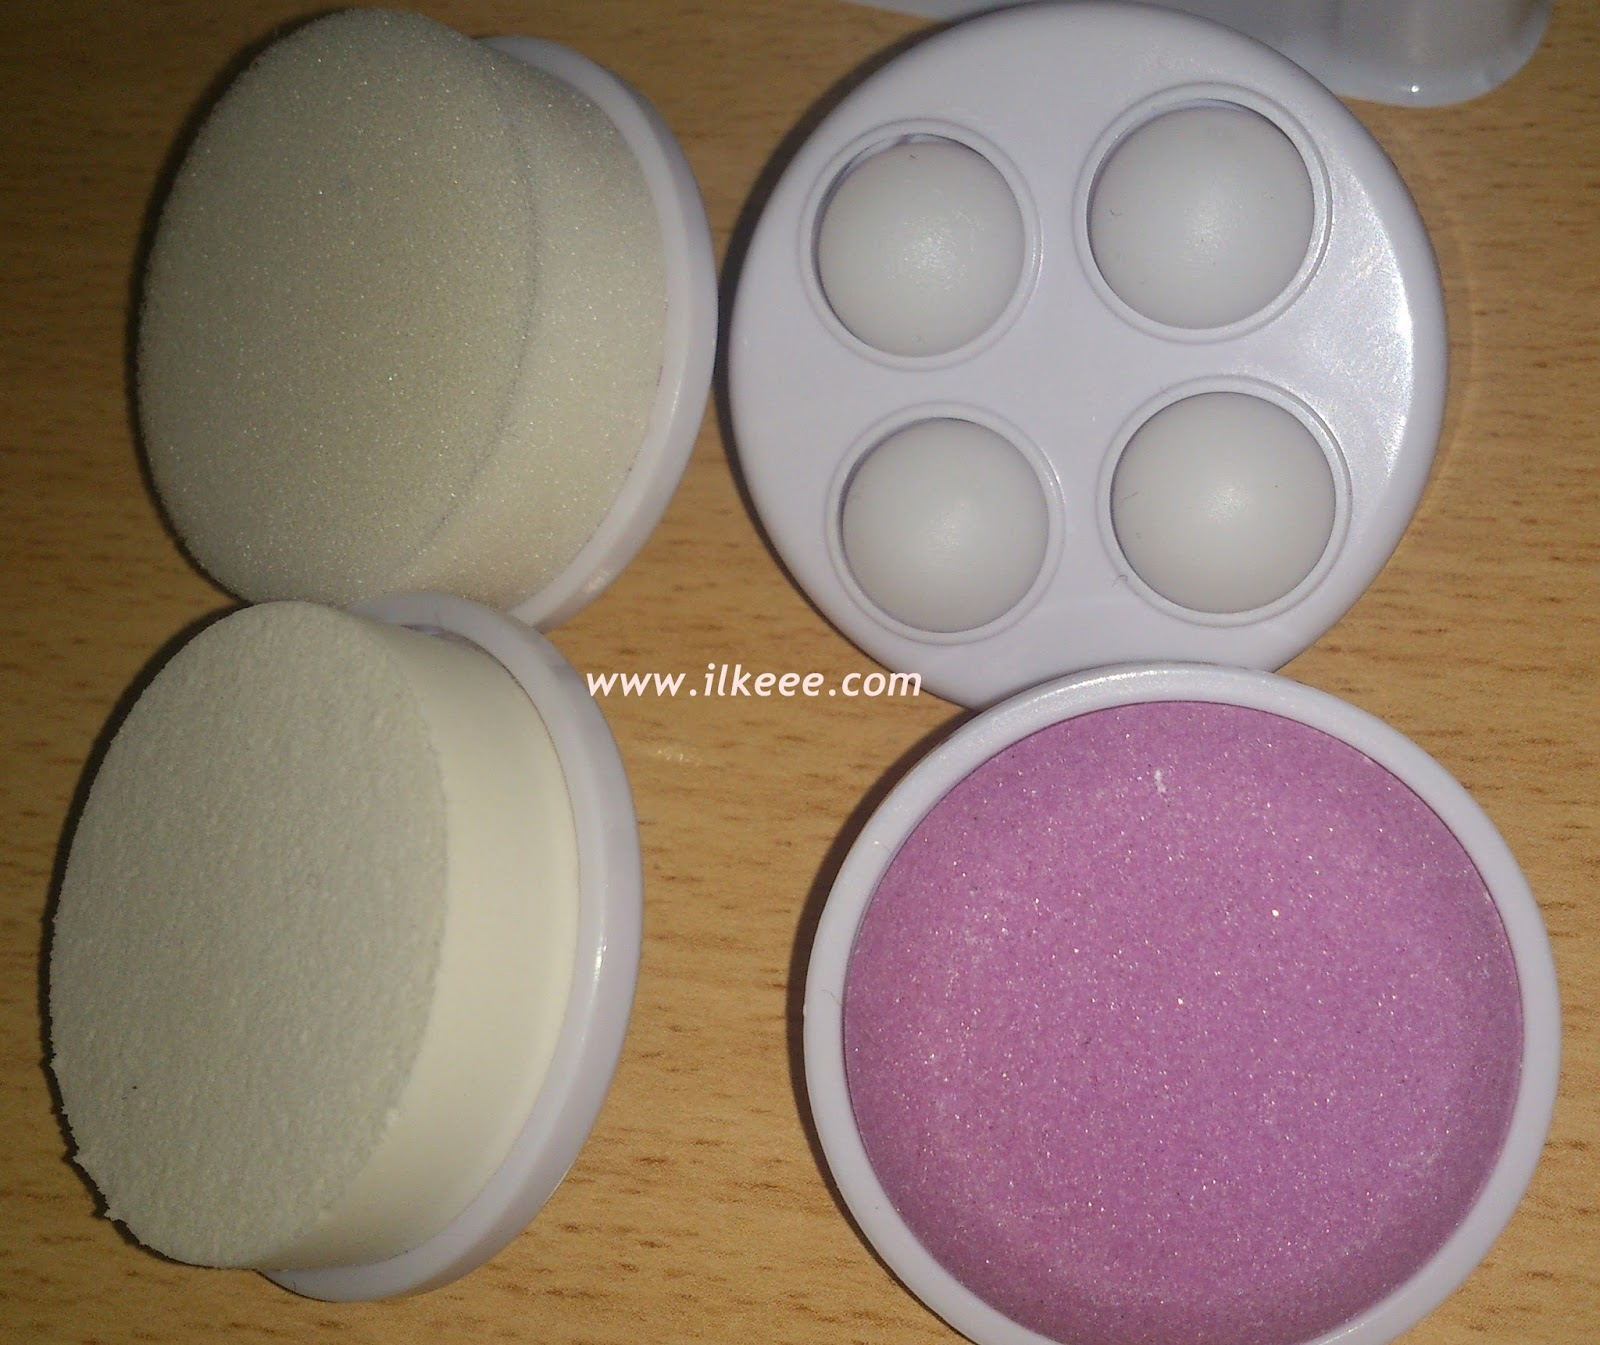 5 in 1 beauty care massager - yüz temizleme cihazı - clarisonic - braun - Aliexpress.com alışverişi